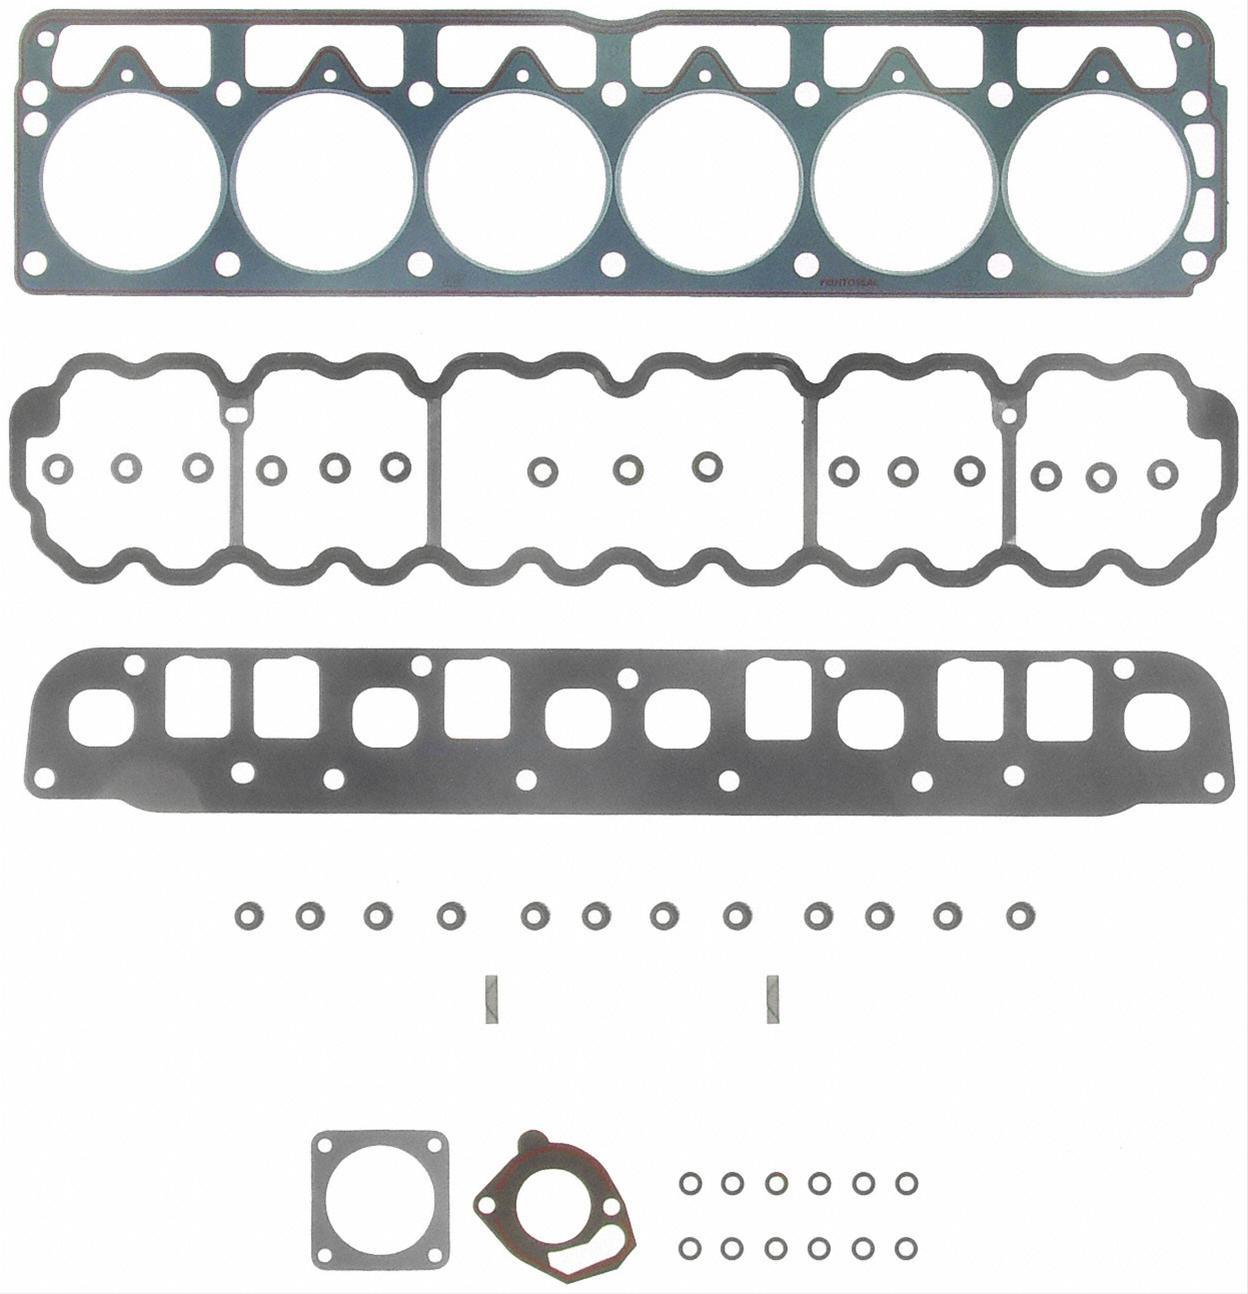 Engine Cylinder Head Gasket Set Fel-Pro HS 9196 PT-1